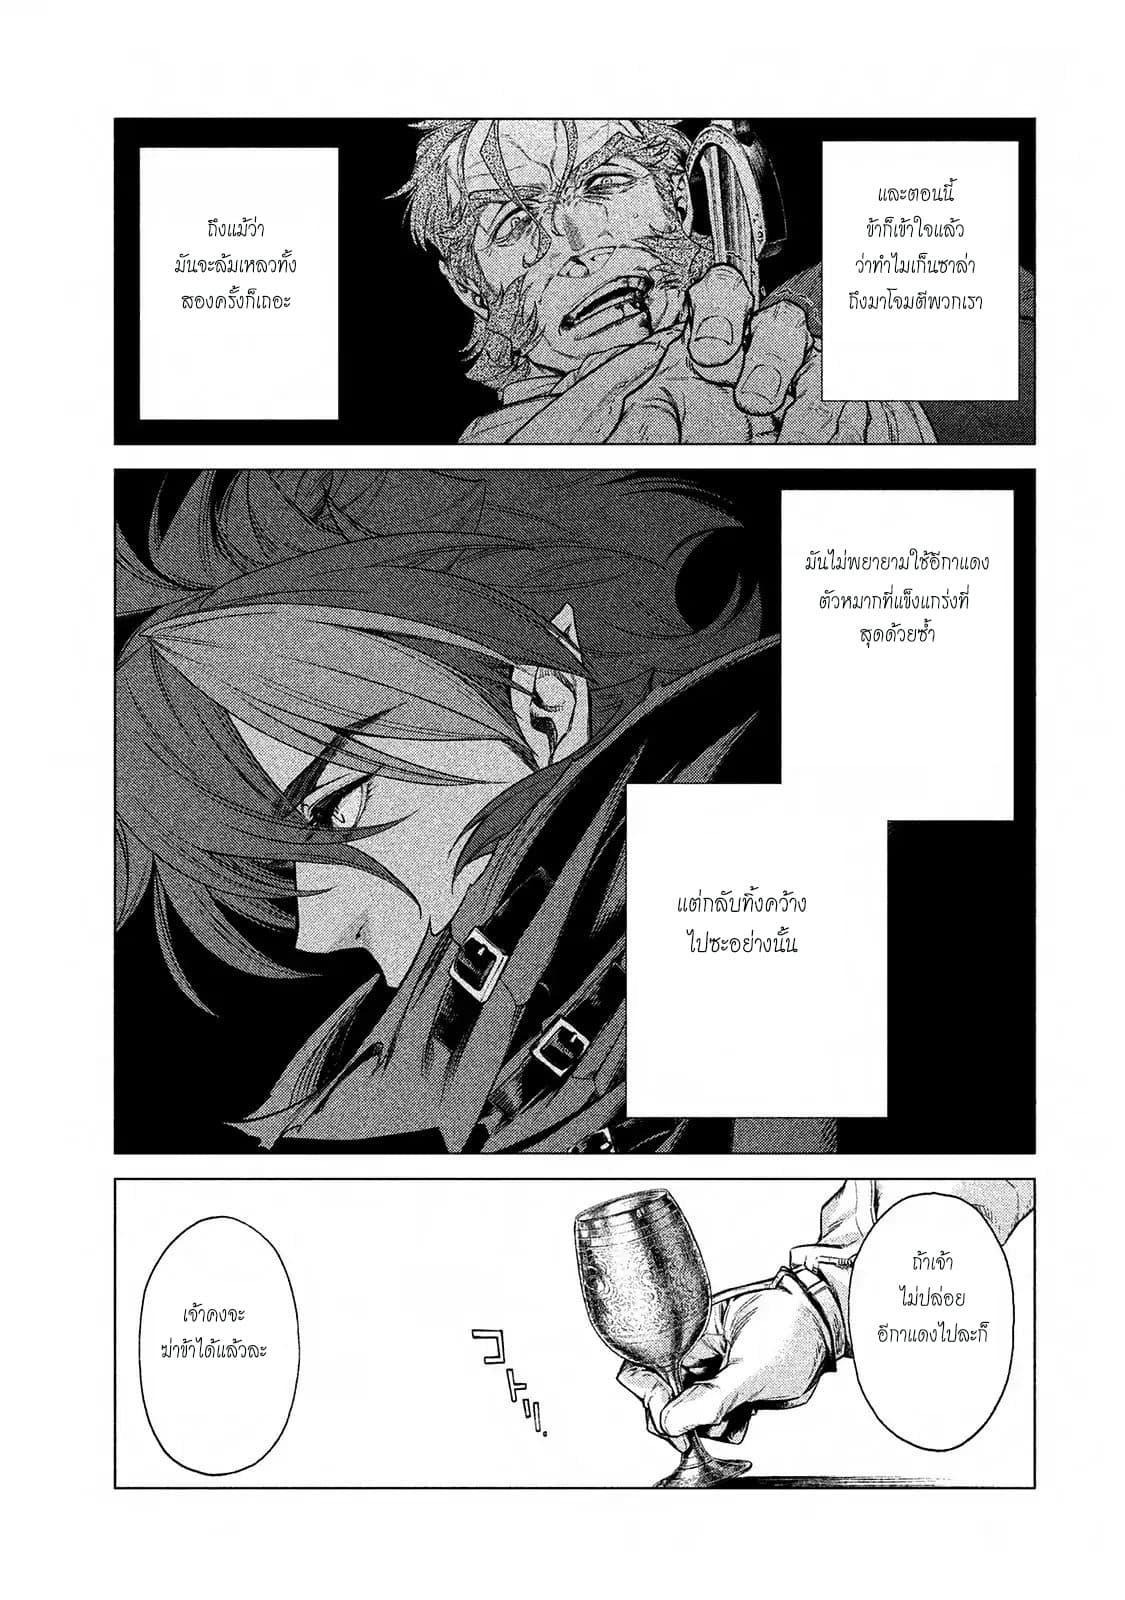 อ่านการ์ตูน Henkyou no Roukishi - Bard Loen ตอนที่ 13 หน้าที่ 23